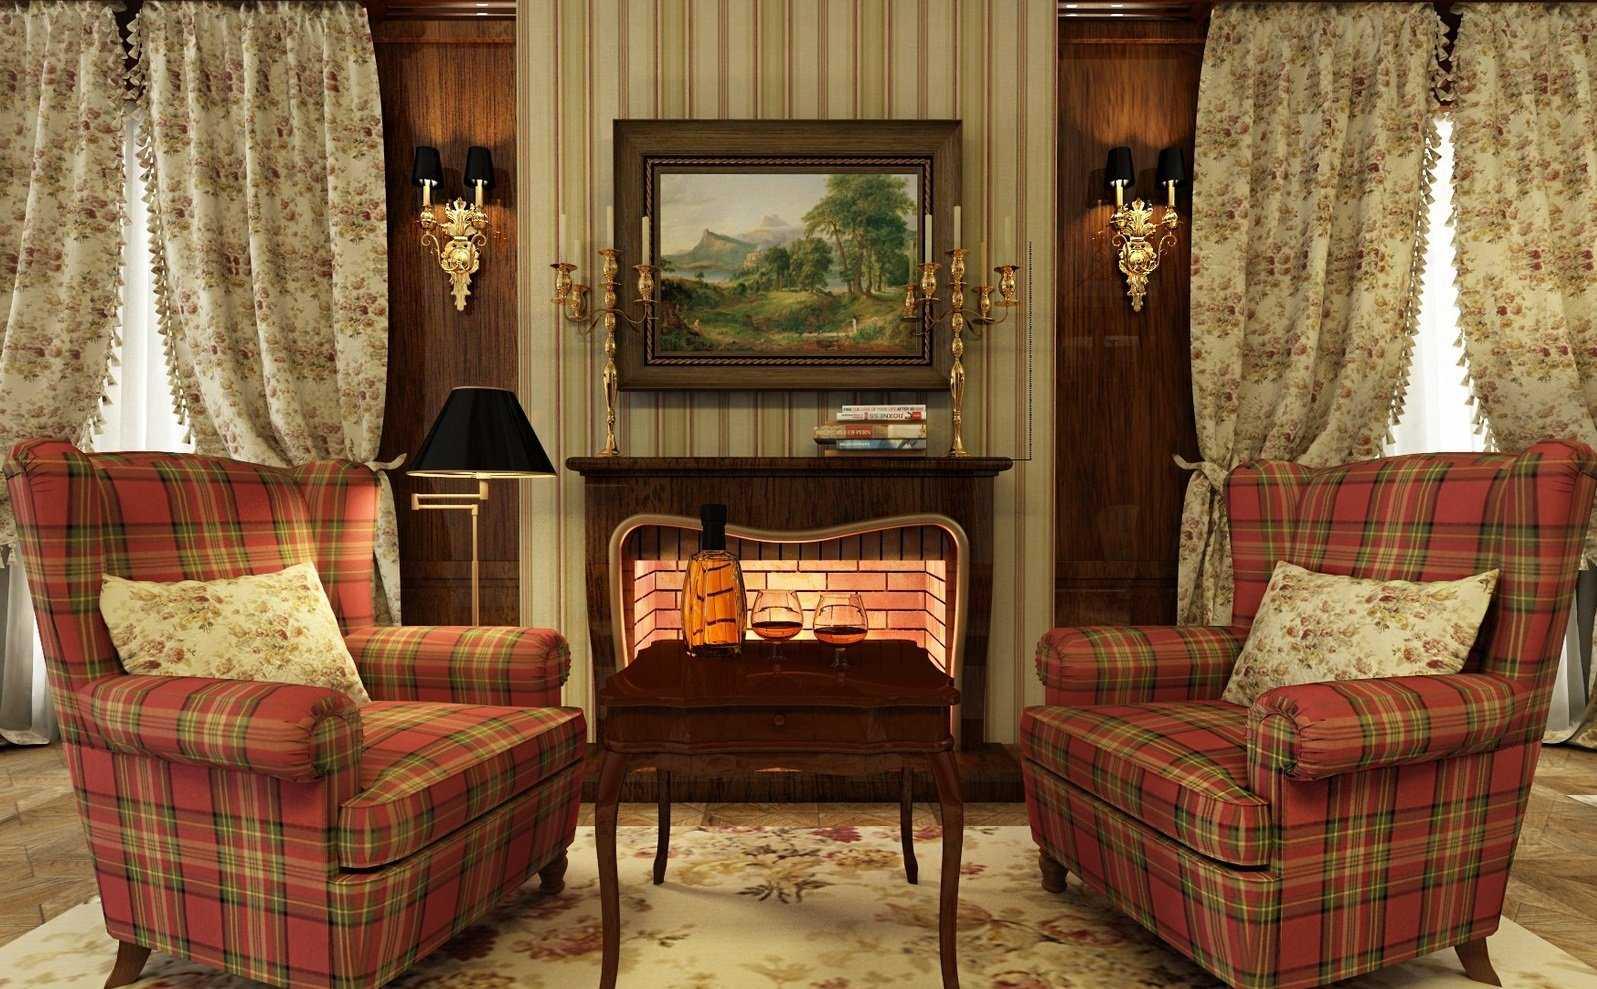 gaišs Viktorijas laika stila dzīvokļa interjers